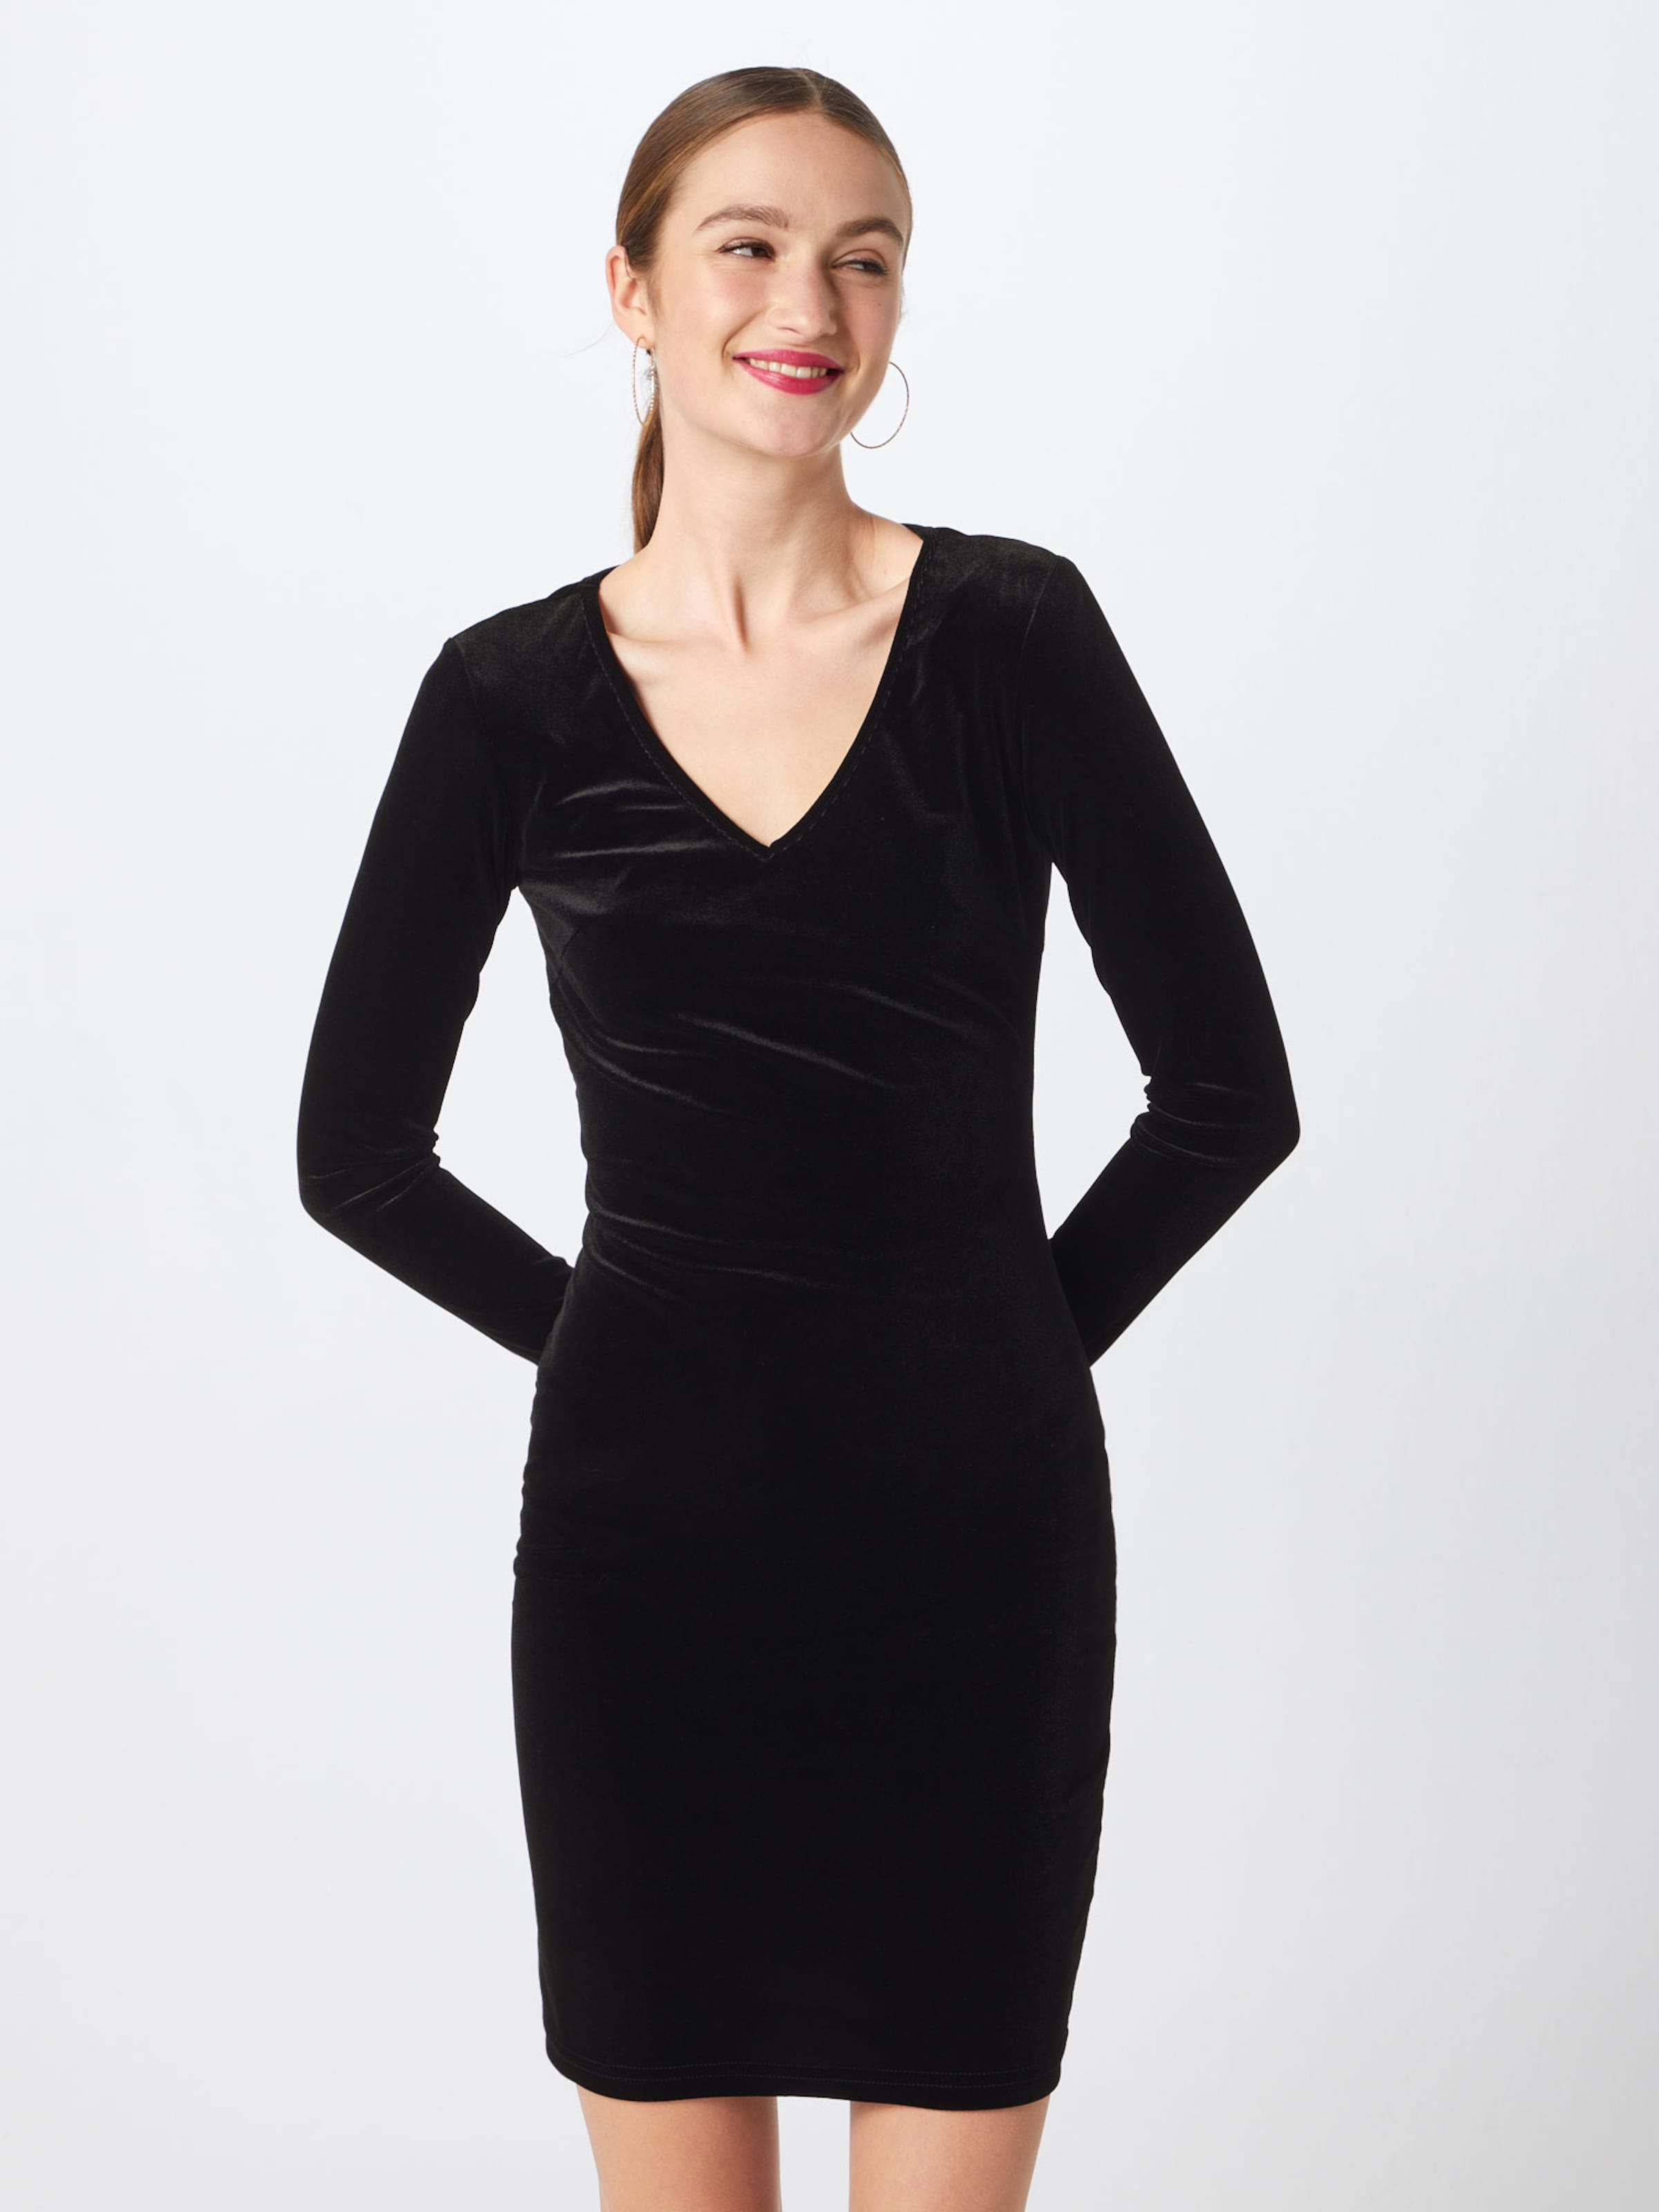 Schwarz Kleid In L Yong Dress De 'jdygorgeous Jrs' V s neck Jacqueline jL54AR3